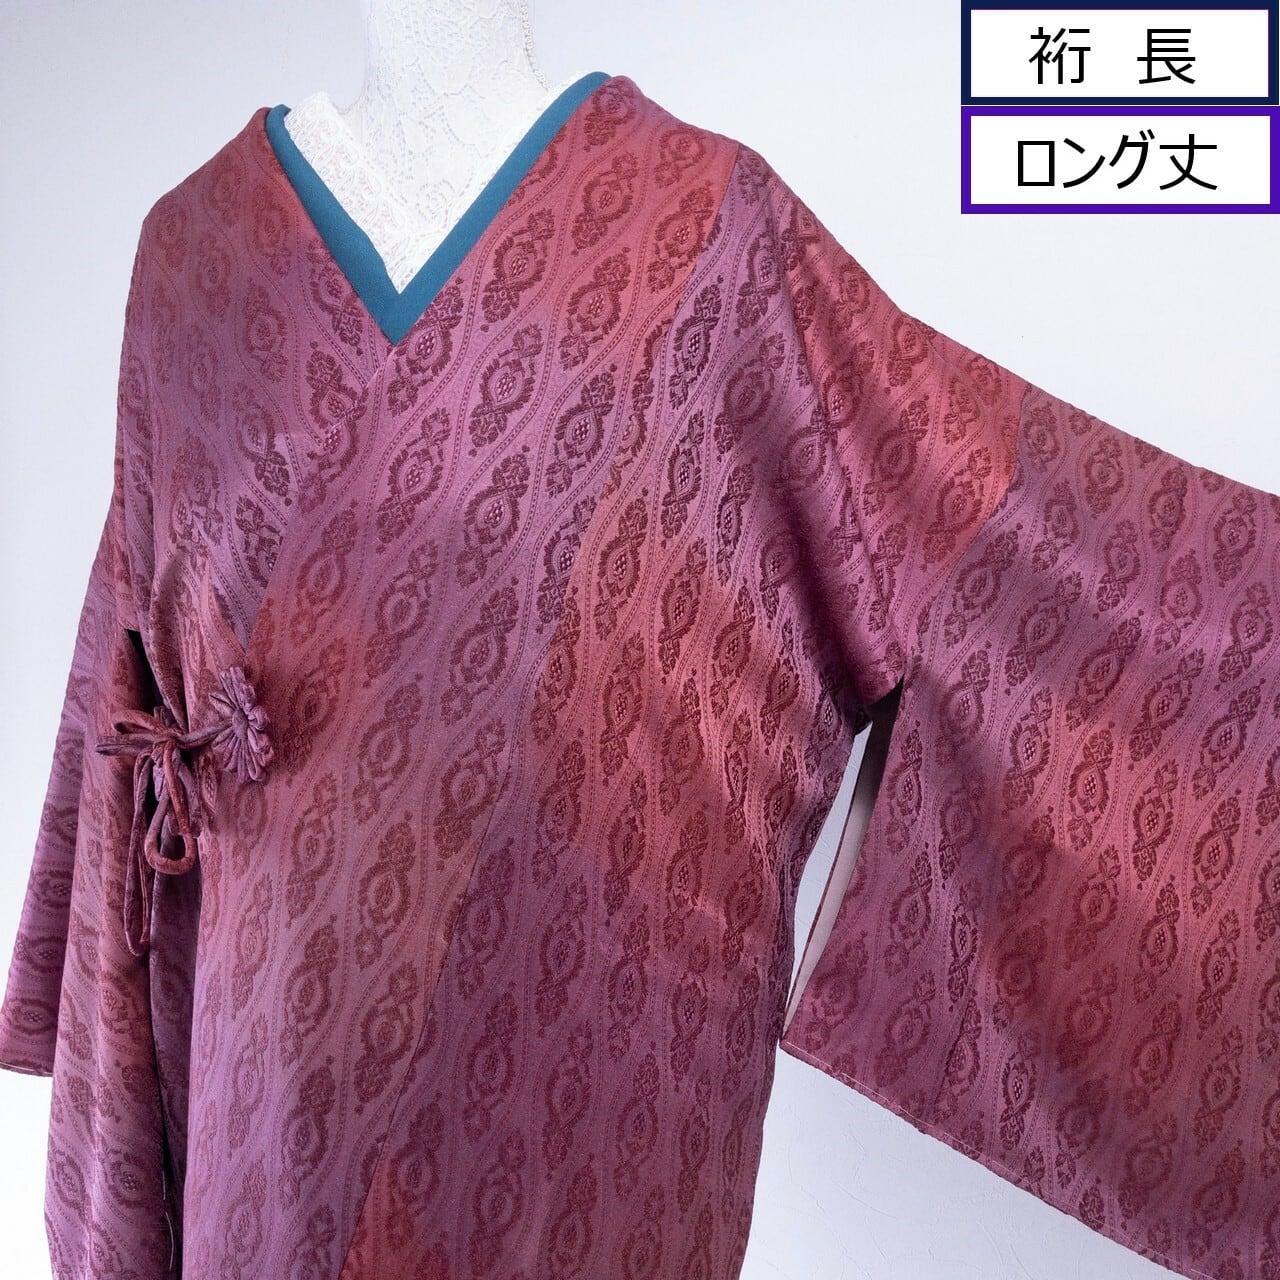 【しつけ付】未使用 ロング丈裄長 道中着 立涌に花文 切りビロード調 紫ぼかし